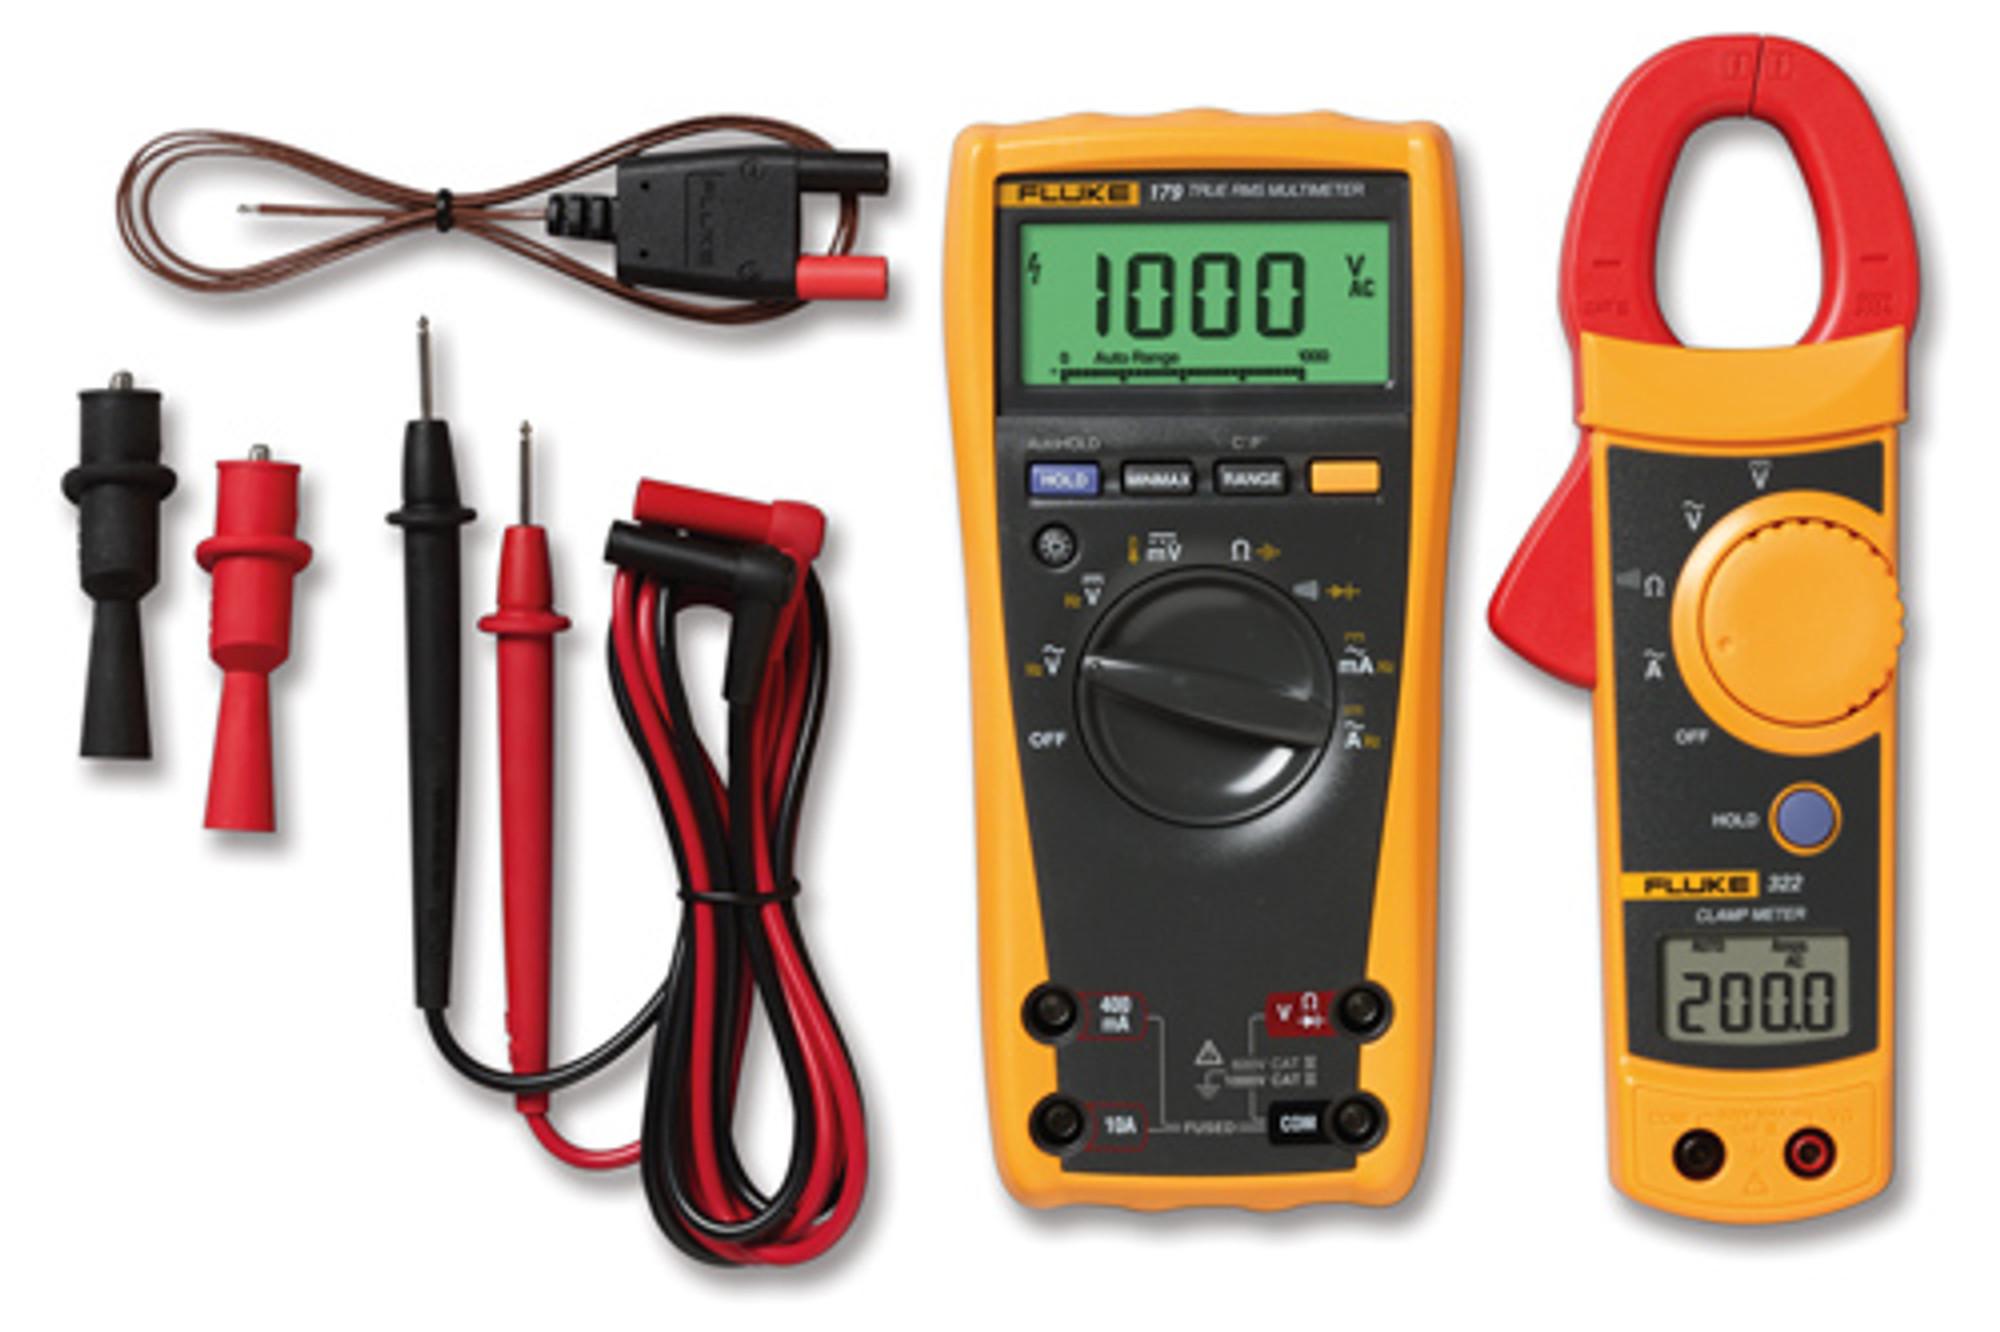 Fluke 179 digital multimeter: Measuring Resistance ... |Fluke Multimeter 179